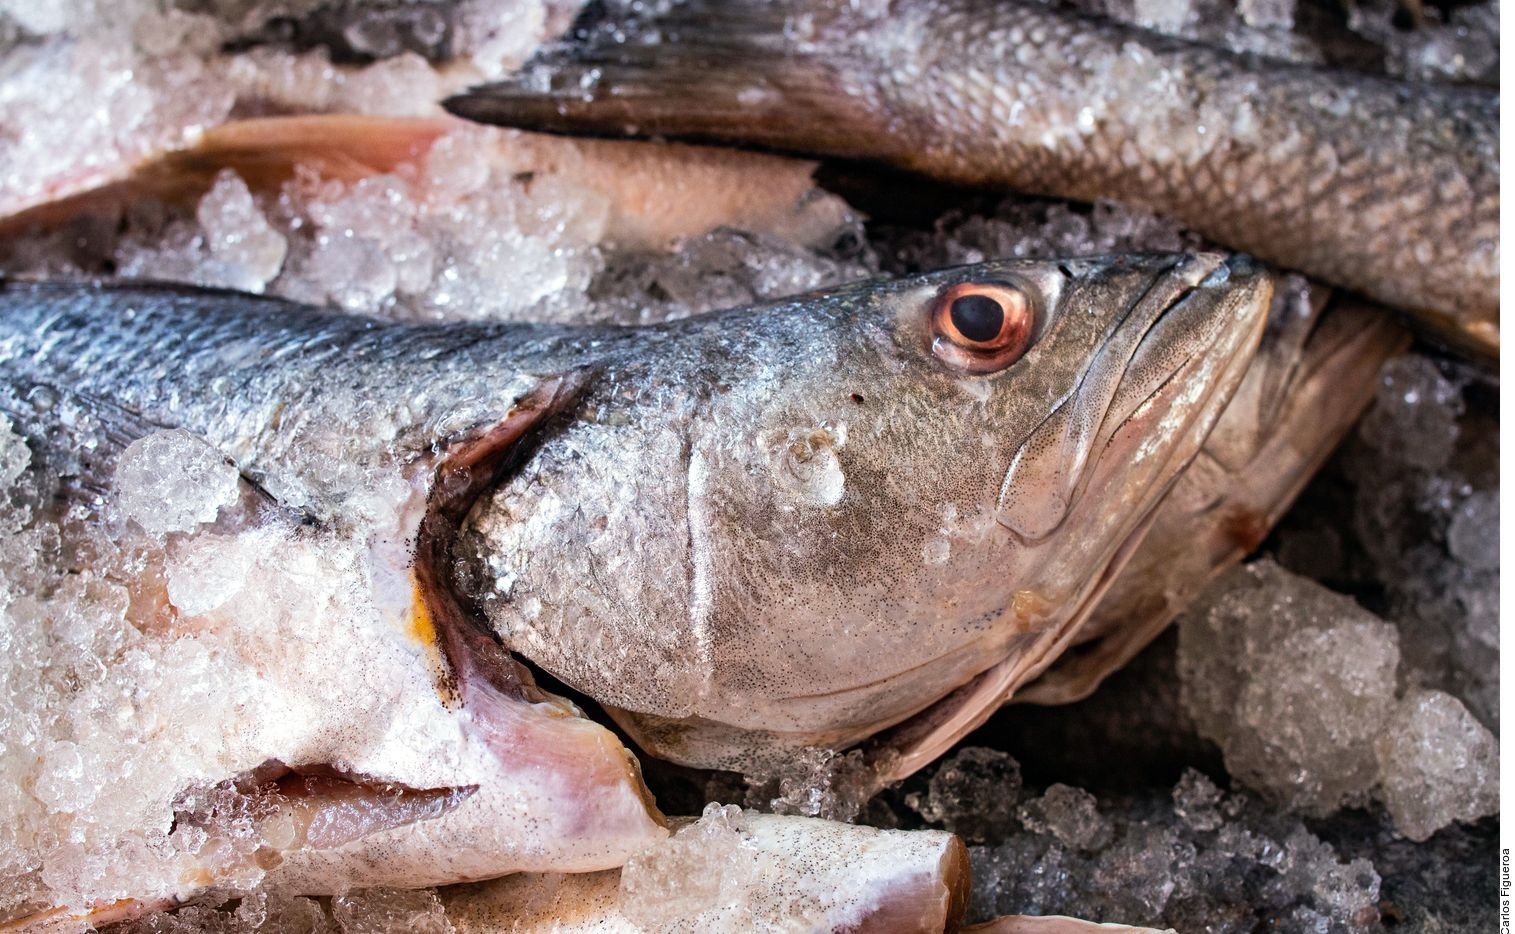 """La esencia de la carne roja se vincula con lo mundano, mientras que la de la carne blanca es volátil, de sangre fría, propia de lo aéreo o acuático"""", según el doctor Alberto Peralta de Legarreta."""